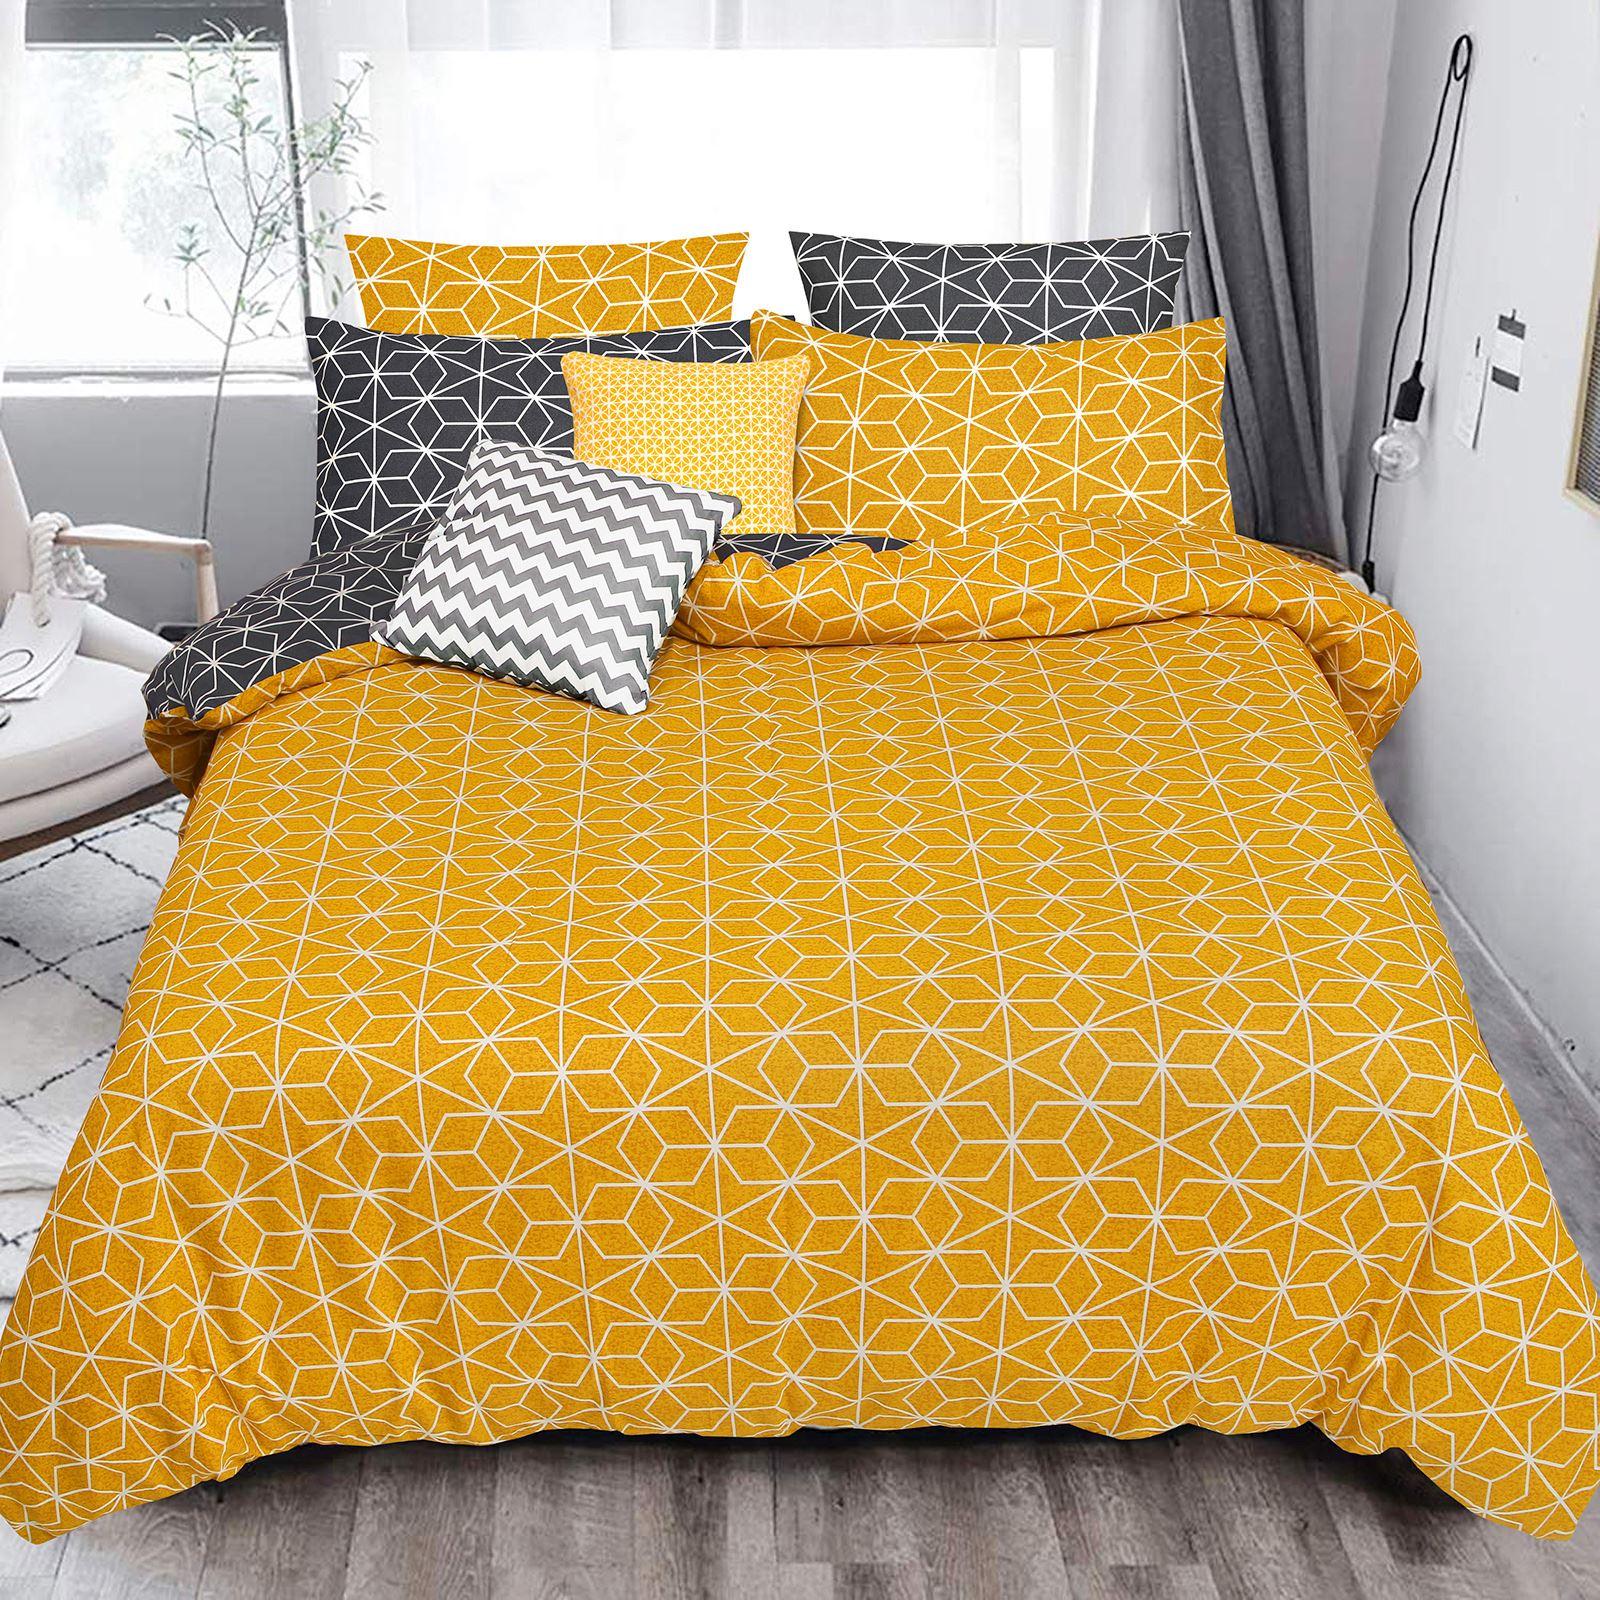 Geometrique-Housse-De-Couette-100-Coton-Couette-Douce-Literie-Simple-Double-King-Taille miniature 3